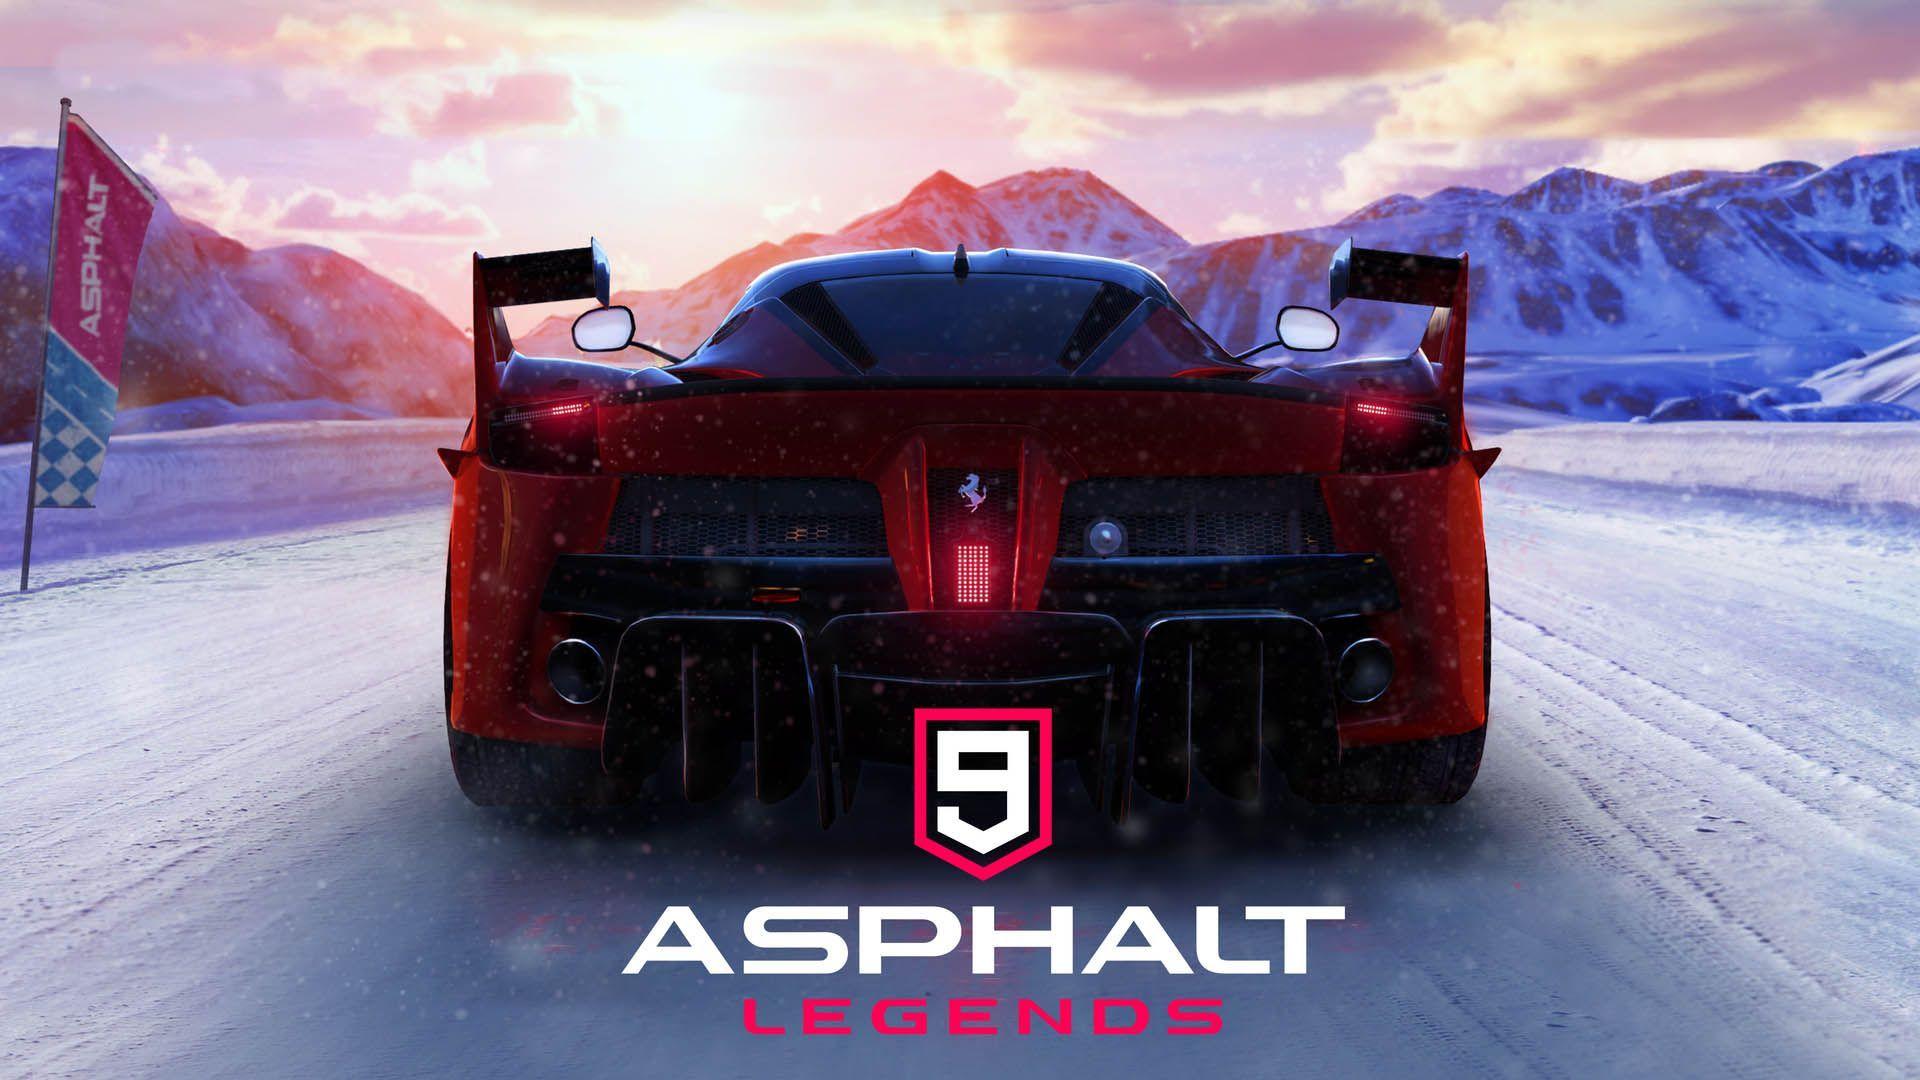 بطولة Asphalt 9 بالتعاون بين Gameloft و Black Shark و Esl تمنح الفائز 20000 يورو Asphalt Legend Games